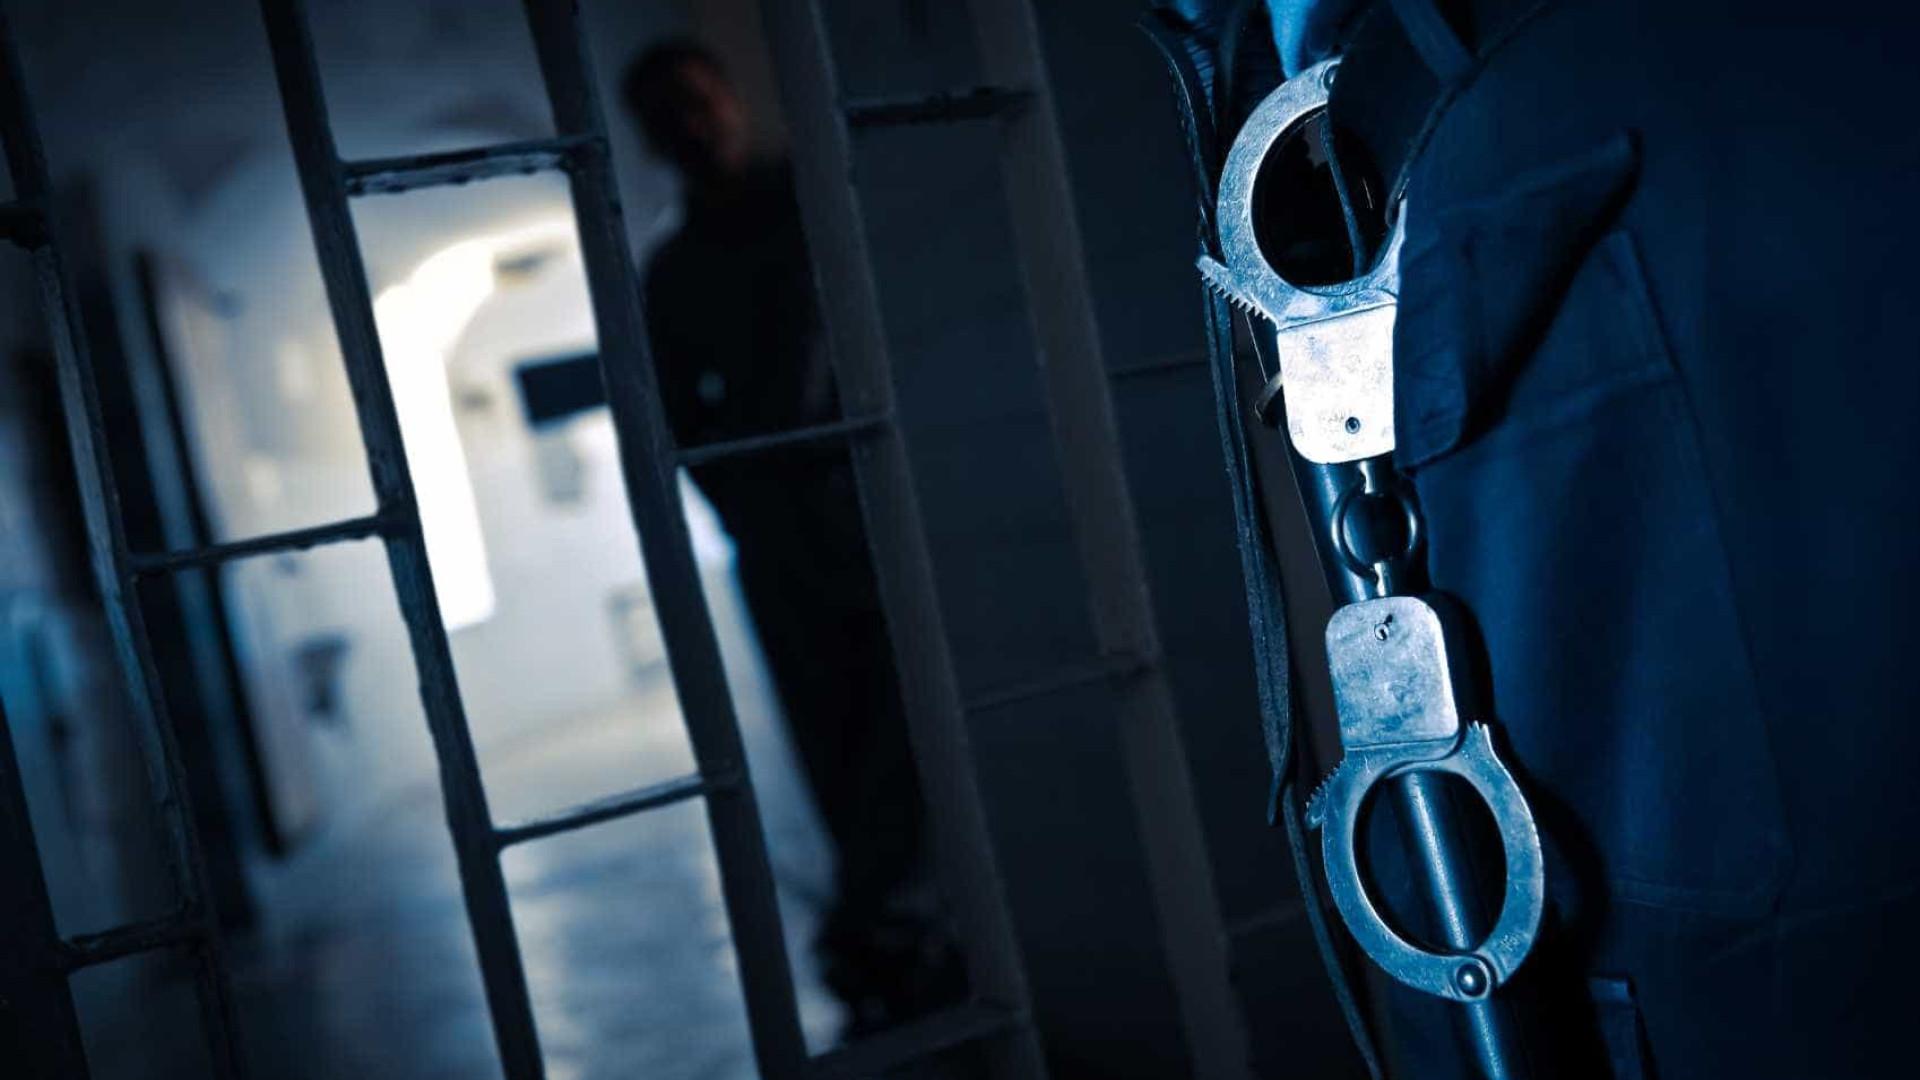 Reclusos da prisão de Custóias recusam regressar às celas. GISP no local